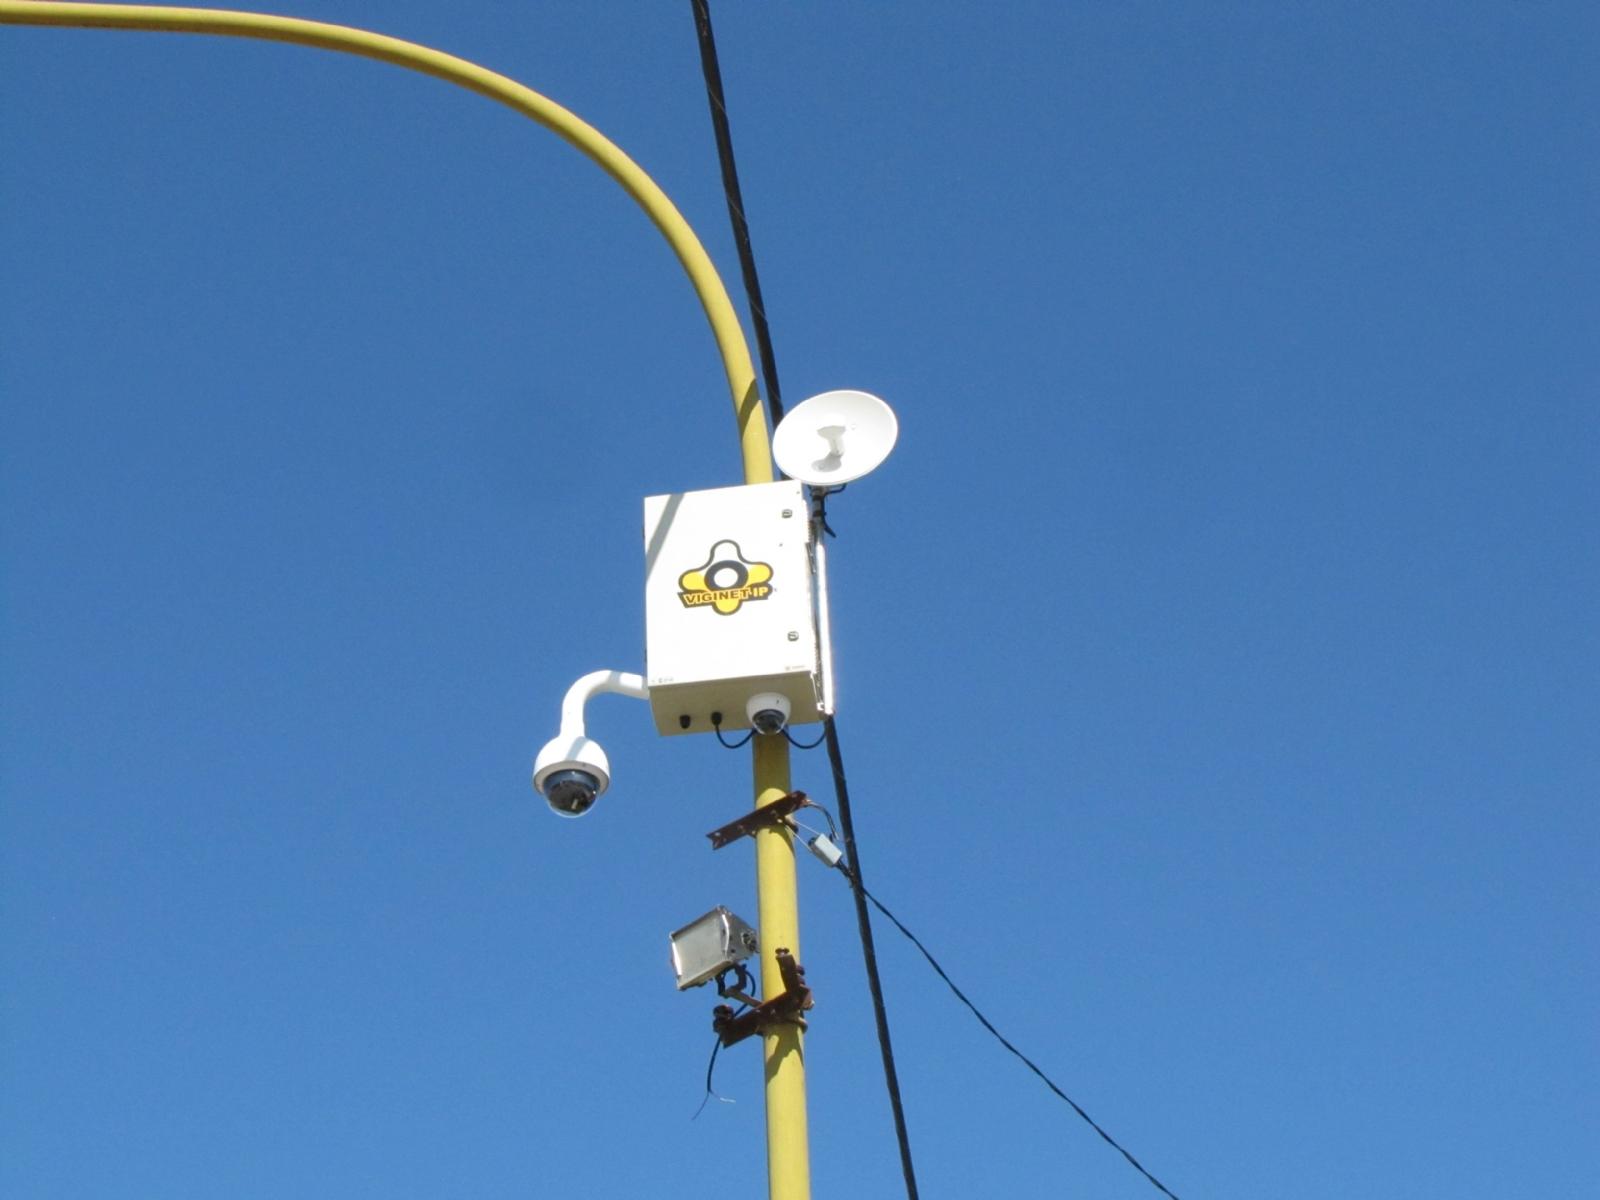 San Cayetano sigue instalando cámaras de seguridad - Diario Cuatro Vientos